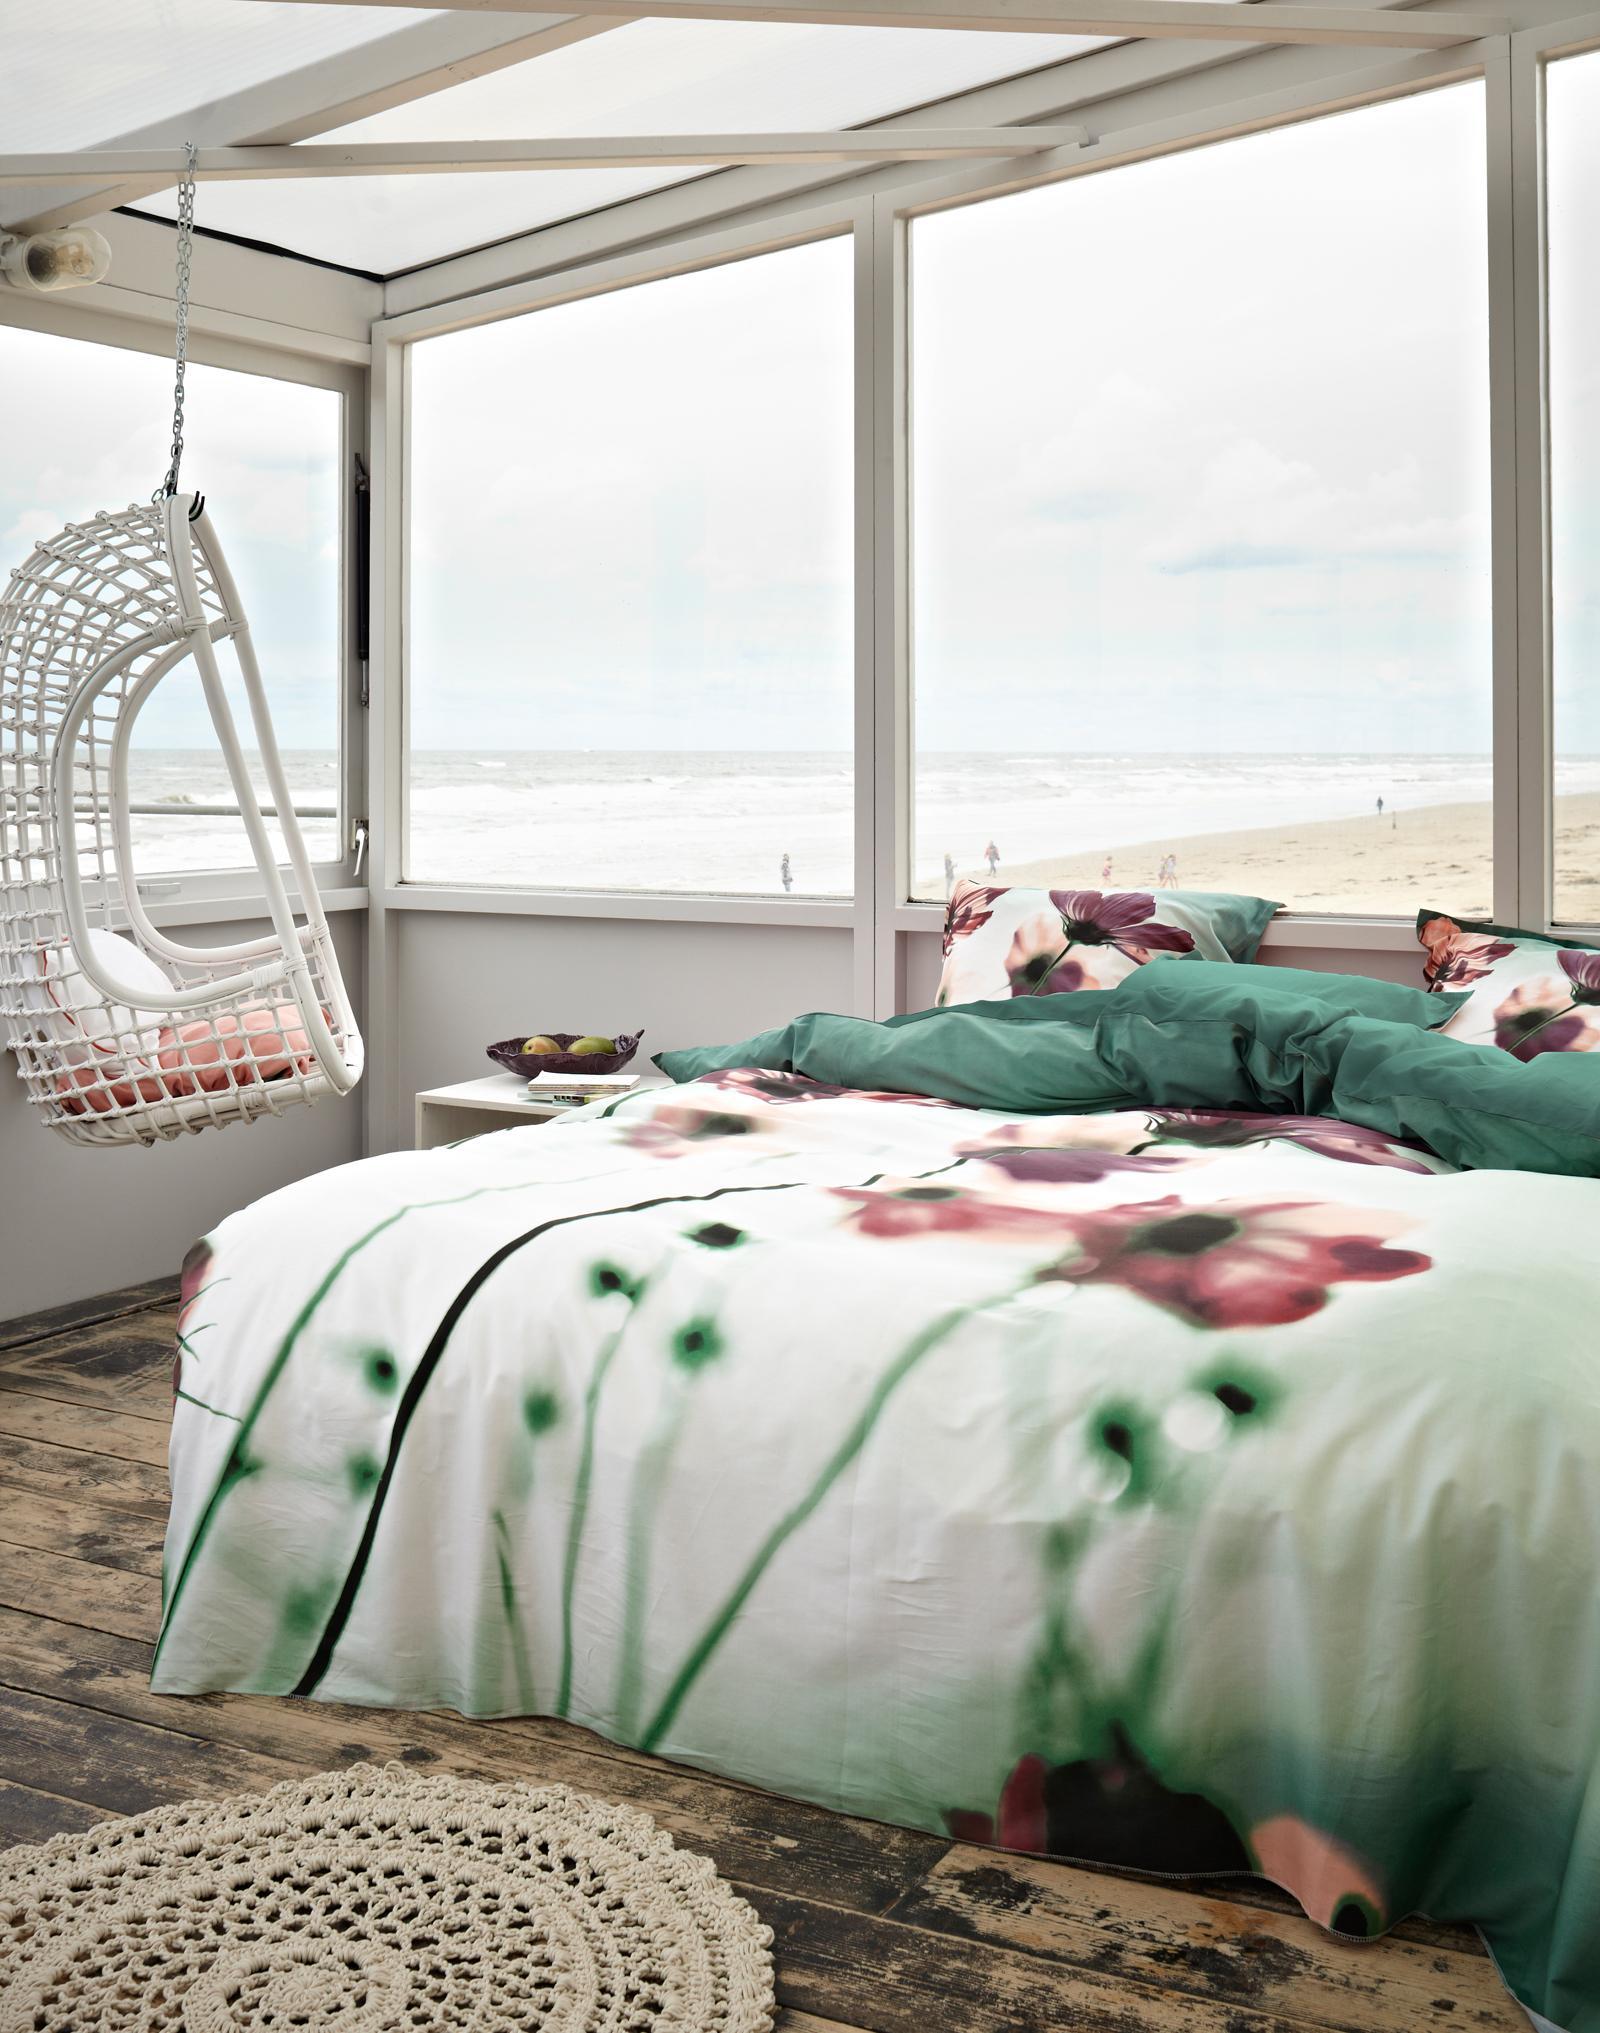 dielenboden seite 11 bilder ideen couchstyle. Black Bedroom Furniture Sets. Home Design Ideas